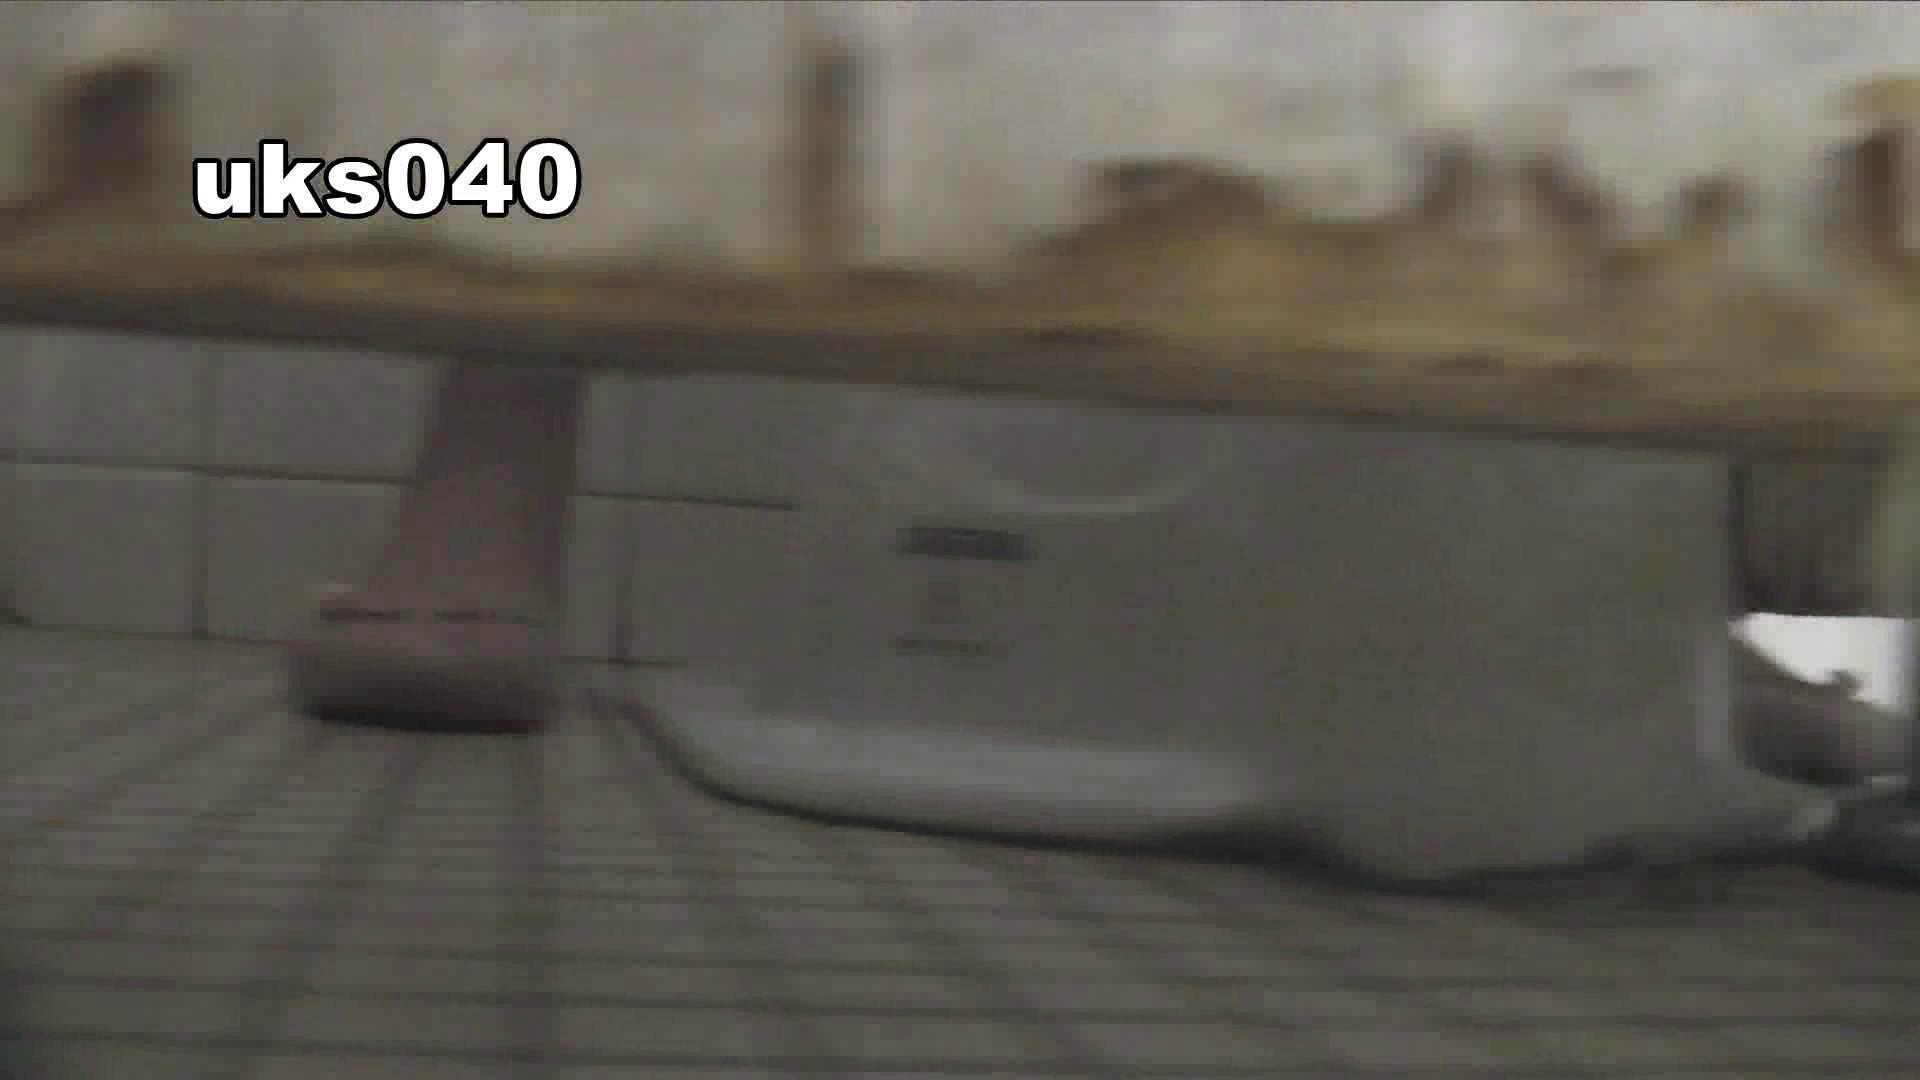 【美しき個室な世界】 vol.040 出て行かれる時の清楚姿撮り 洗面所 | 高画質  75画像 64